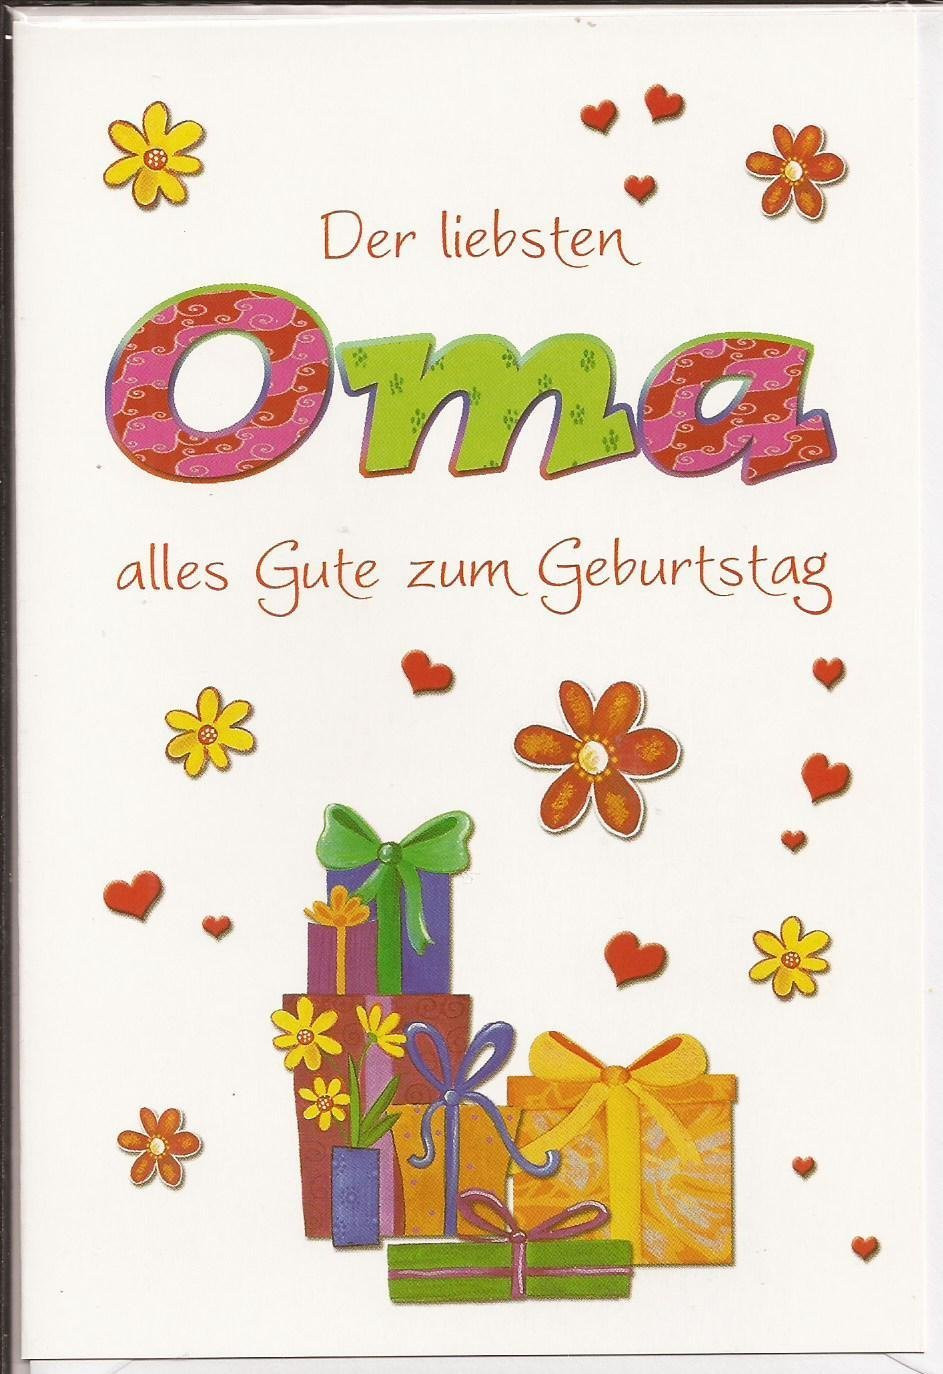 Geburtstagswünsche Oma  15 Bilder mit dem Tag geschenk Alles Liebe zum Geburtstag